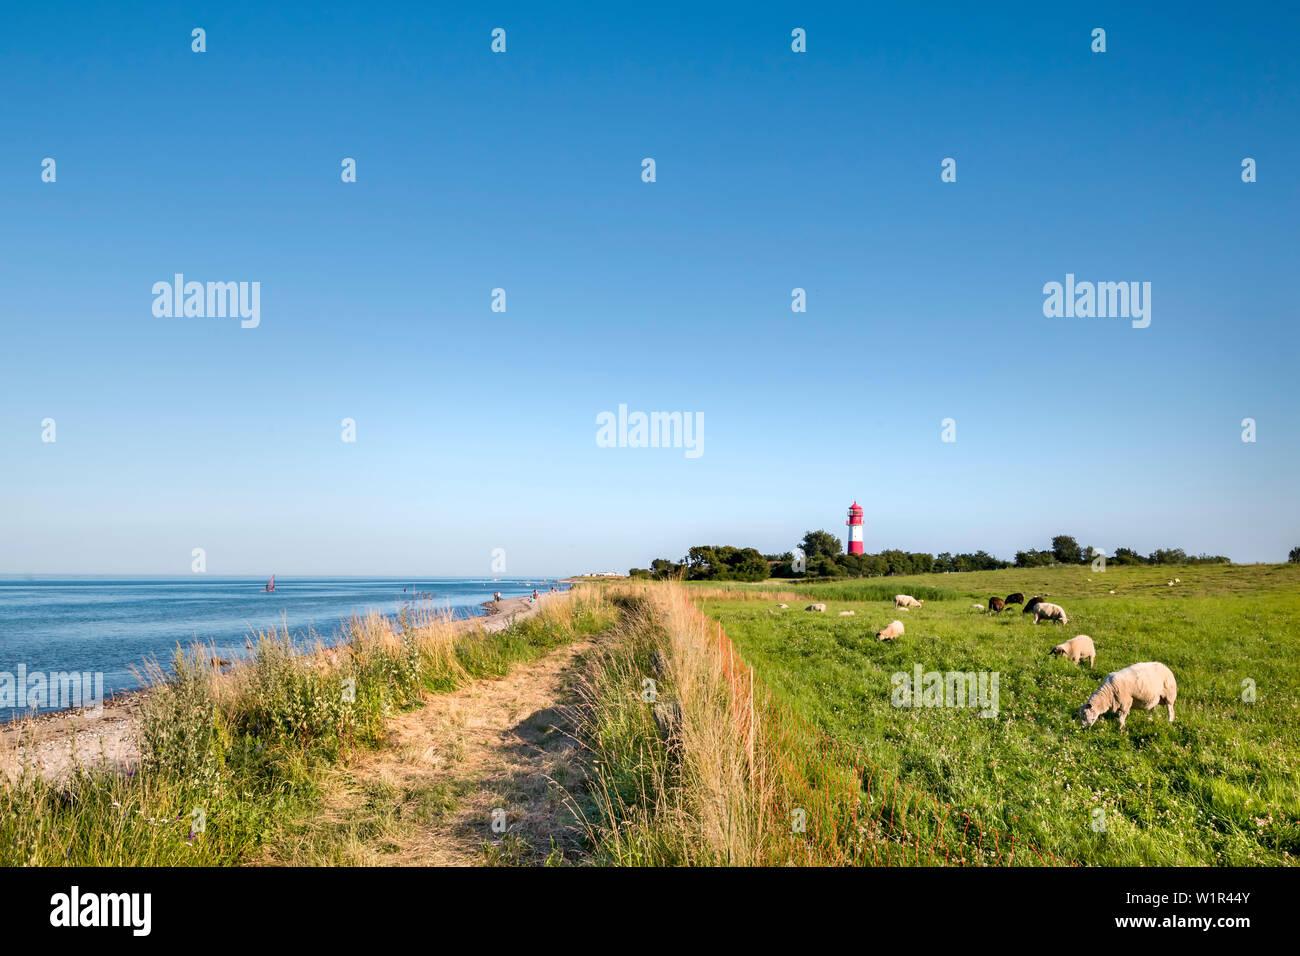 Sheep in front of Falshoeft lighthouse, Falshoeft, Angeln, Baltic coast, Schleswig-Holstein, Germany - Stock Image